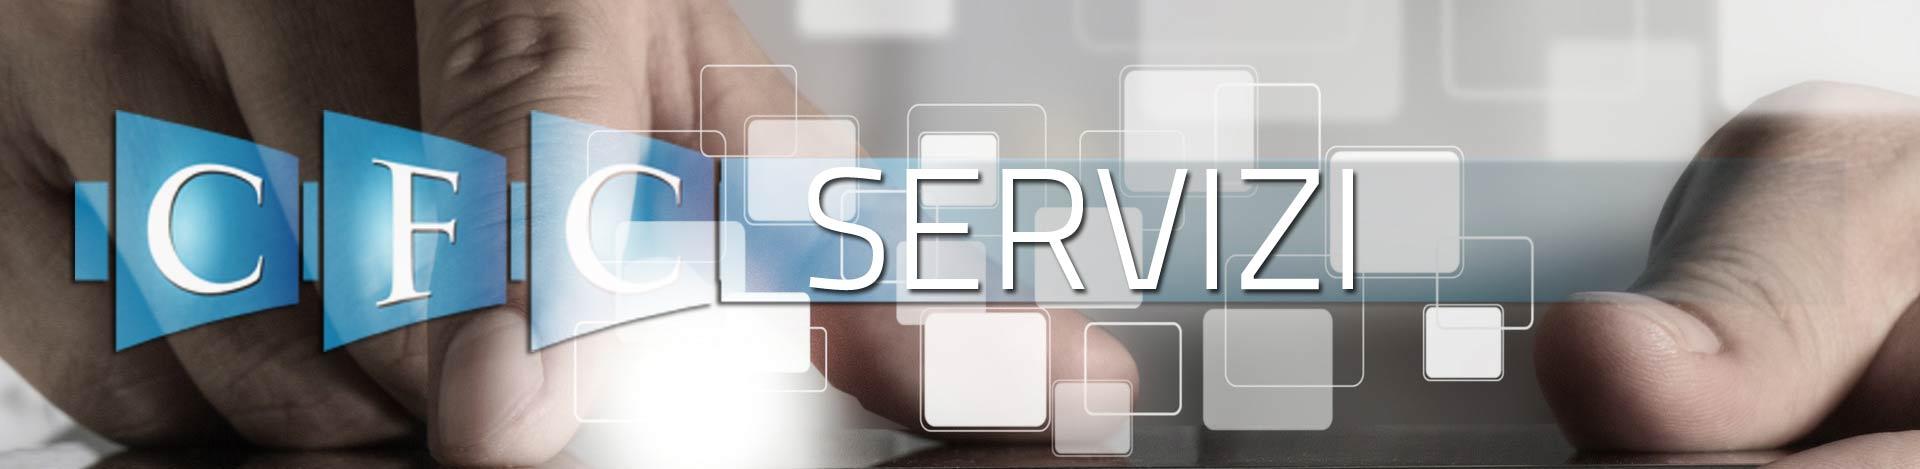 cfc-servizi